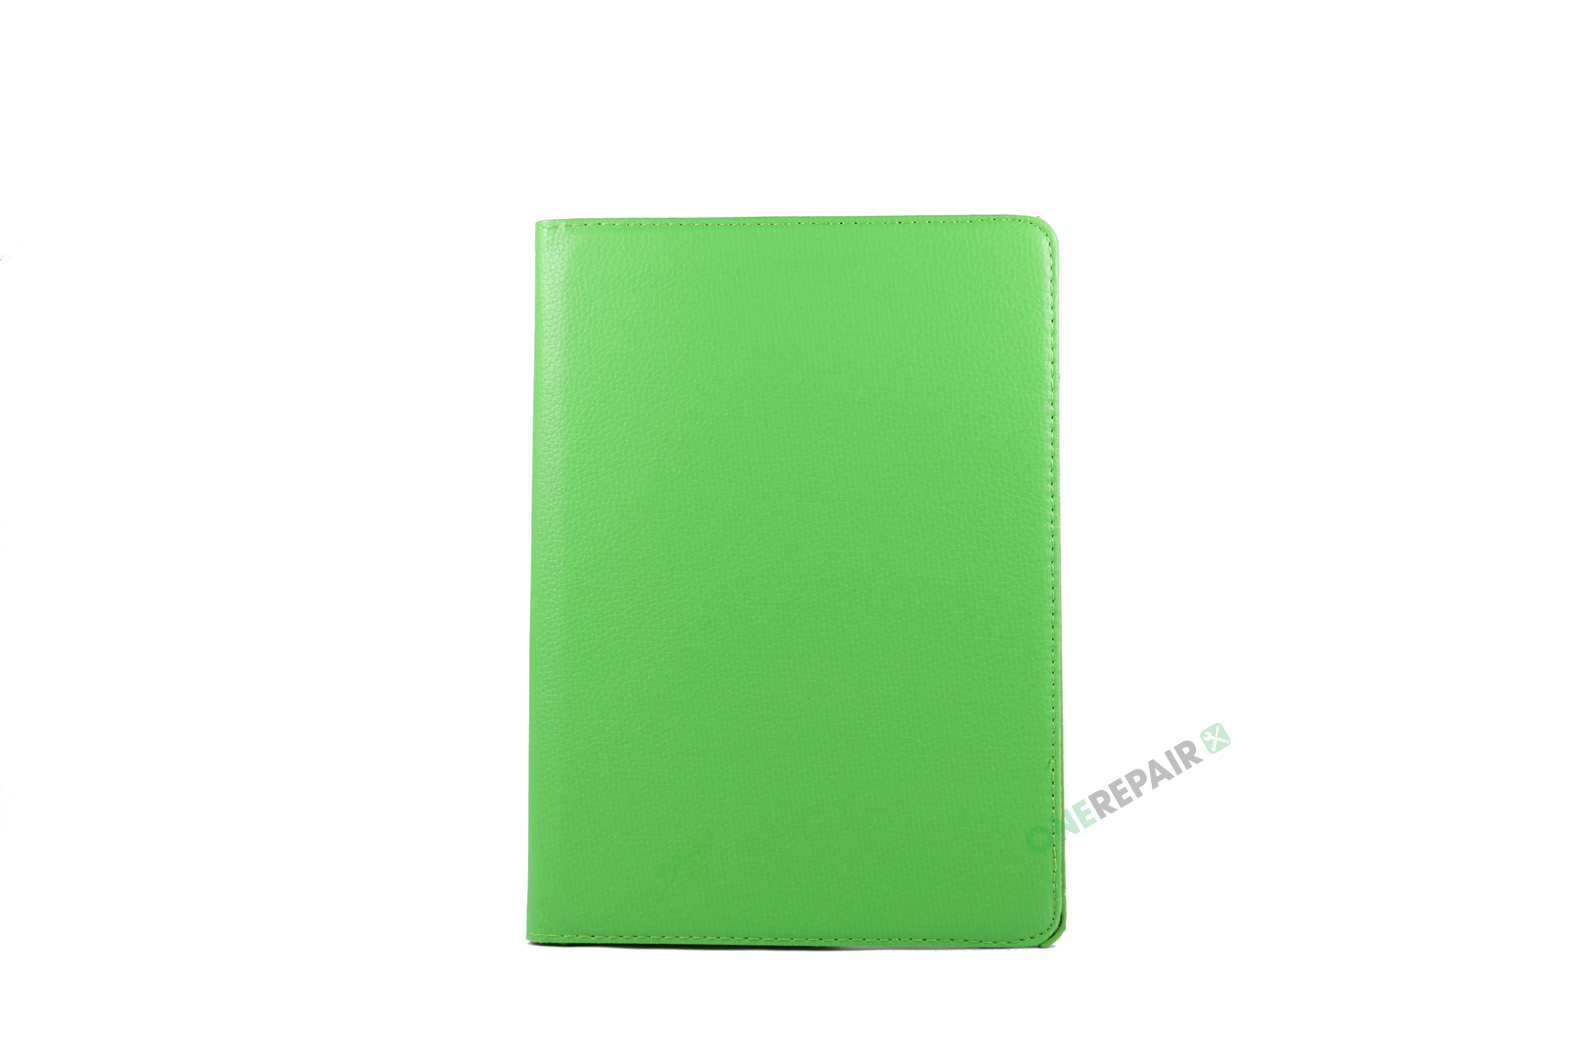 351052_351841_iPad_Air2_2_A1566_A1567_Flipcover_Cover_Groen_OneRepair_00002